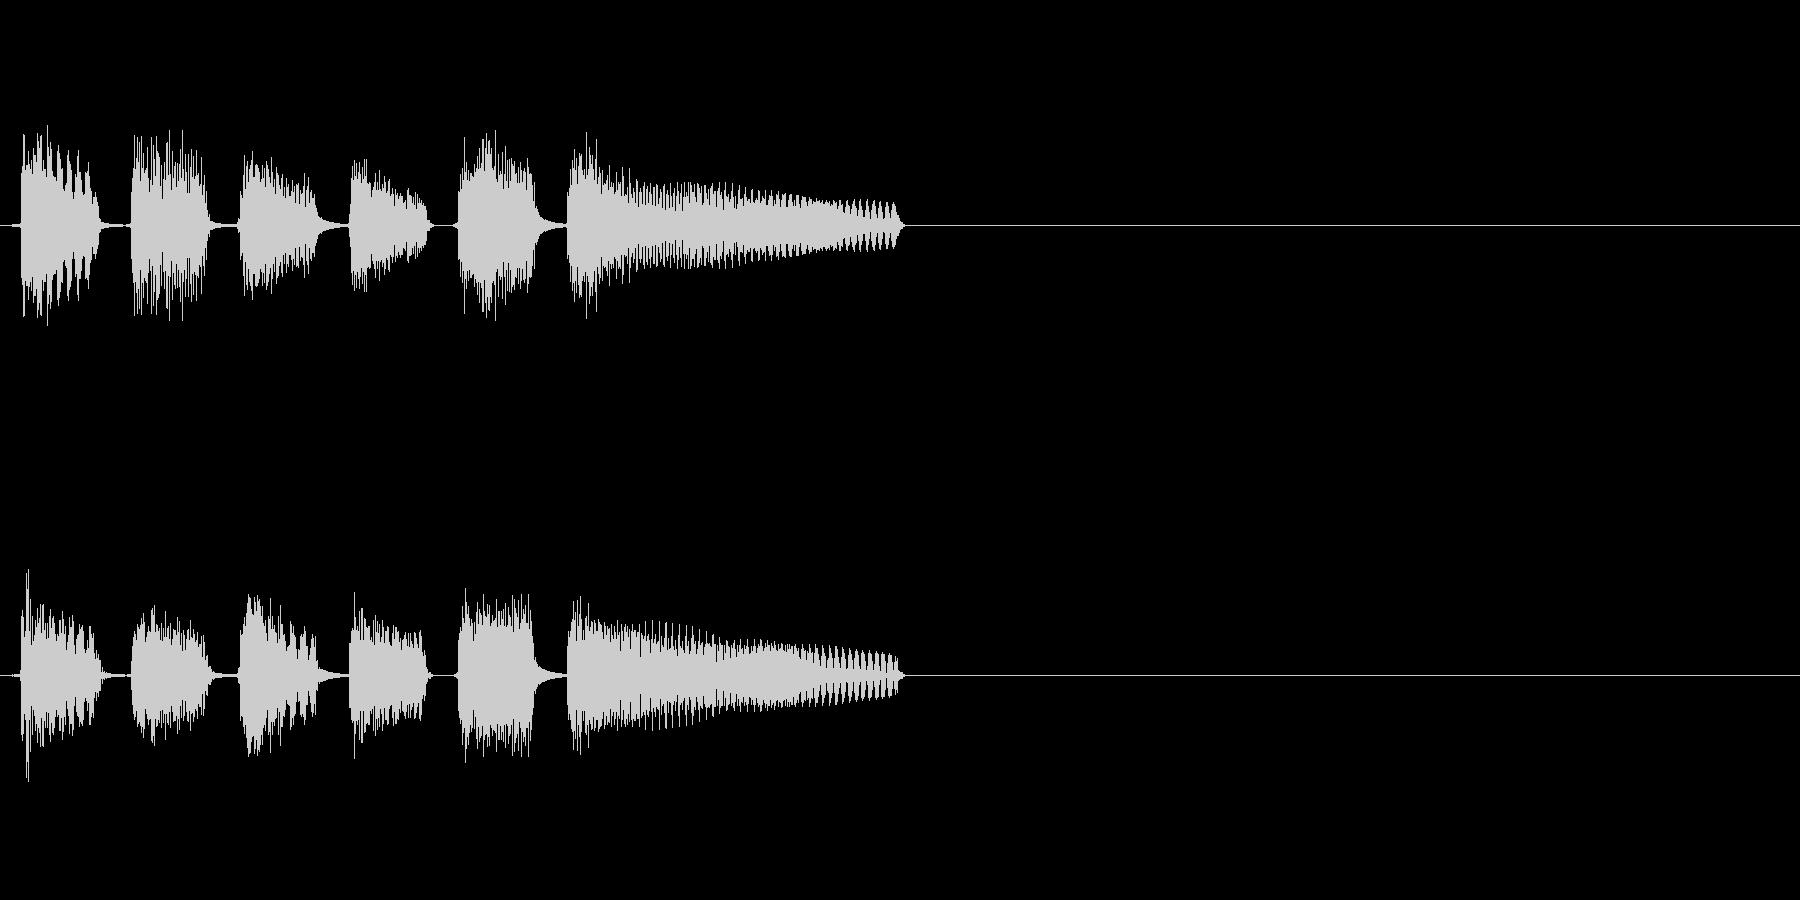 ピンポンパンポンピンポン!という正解音の未再生の波形